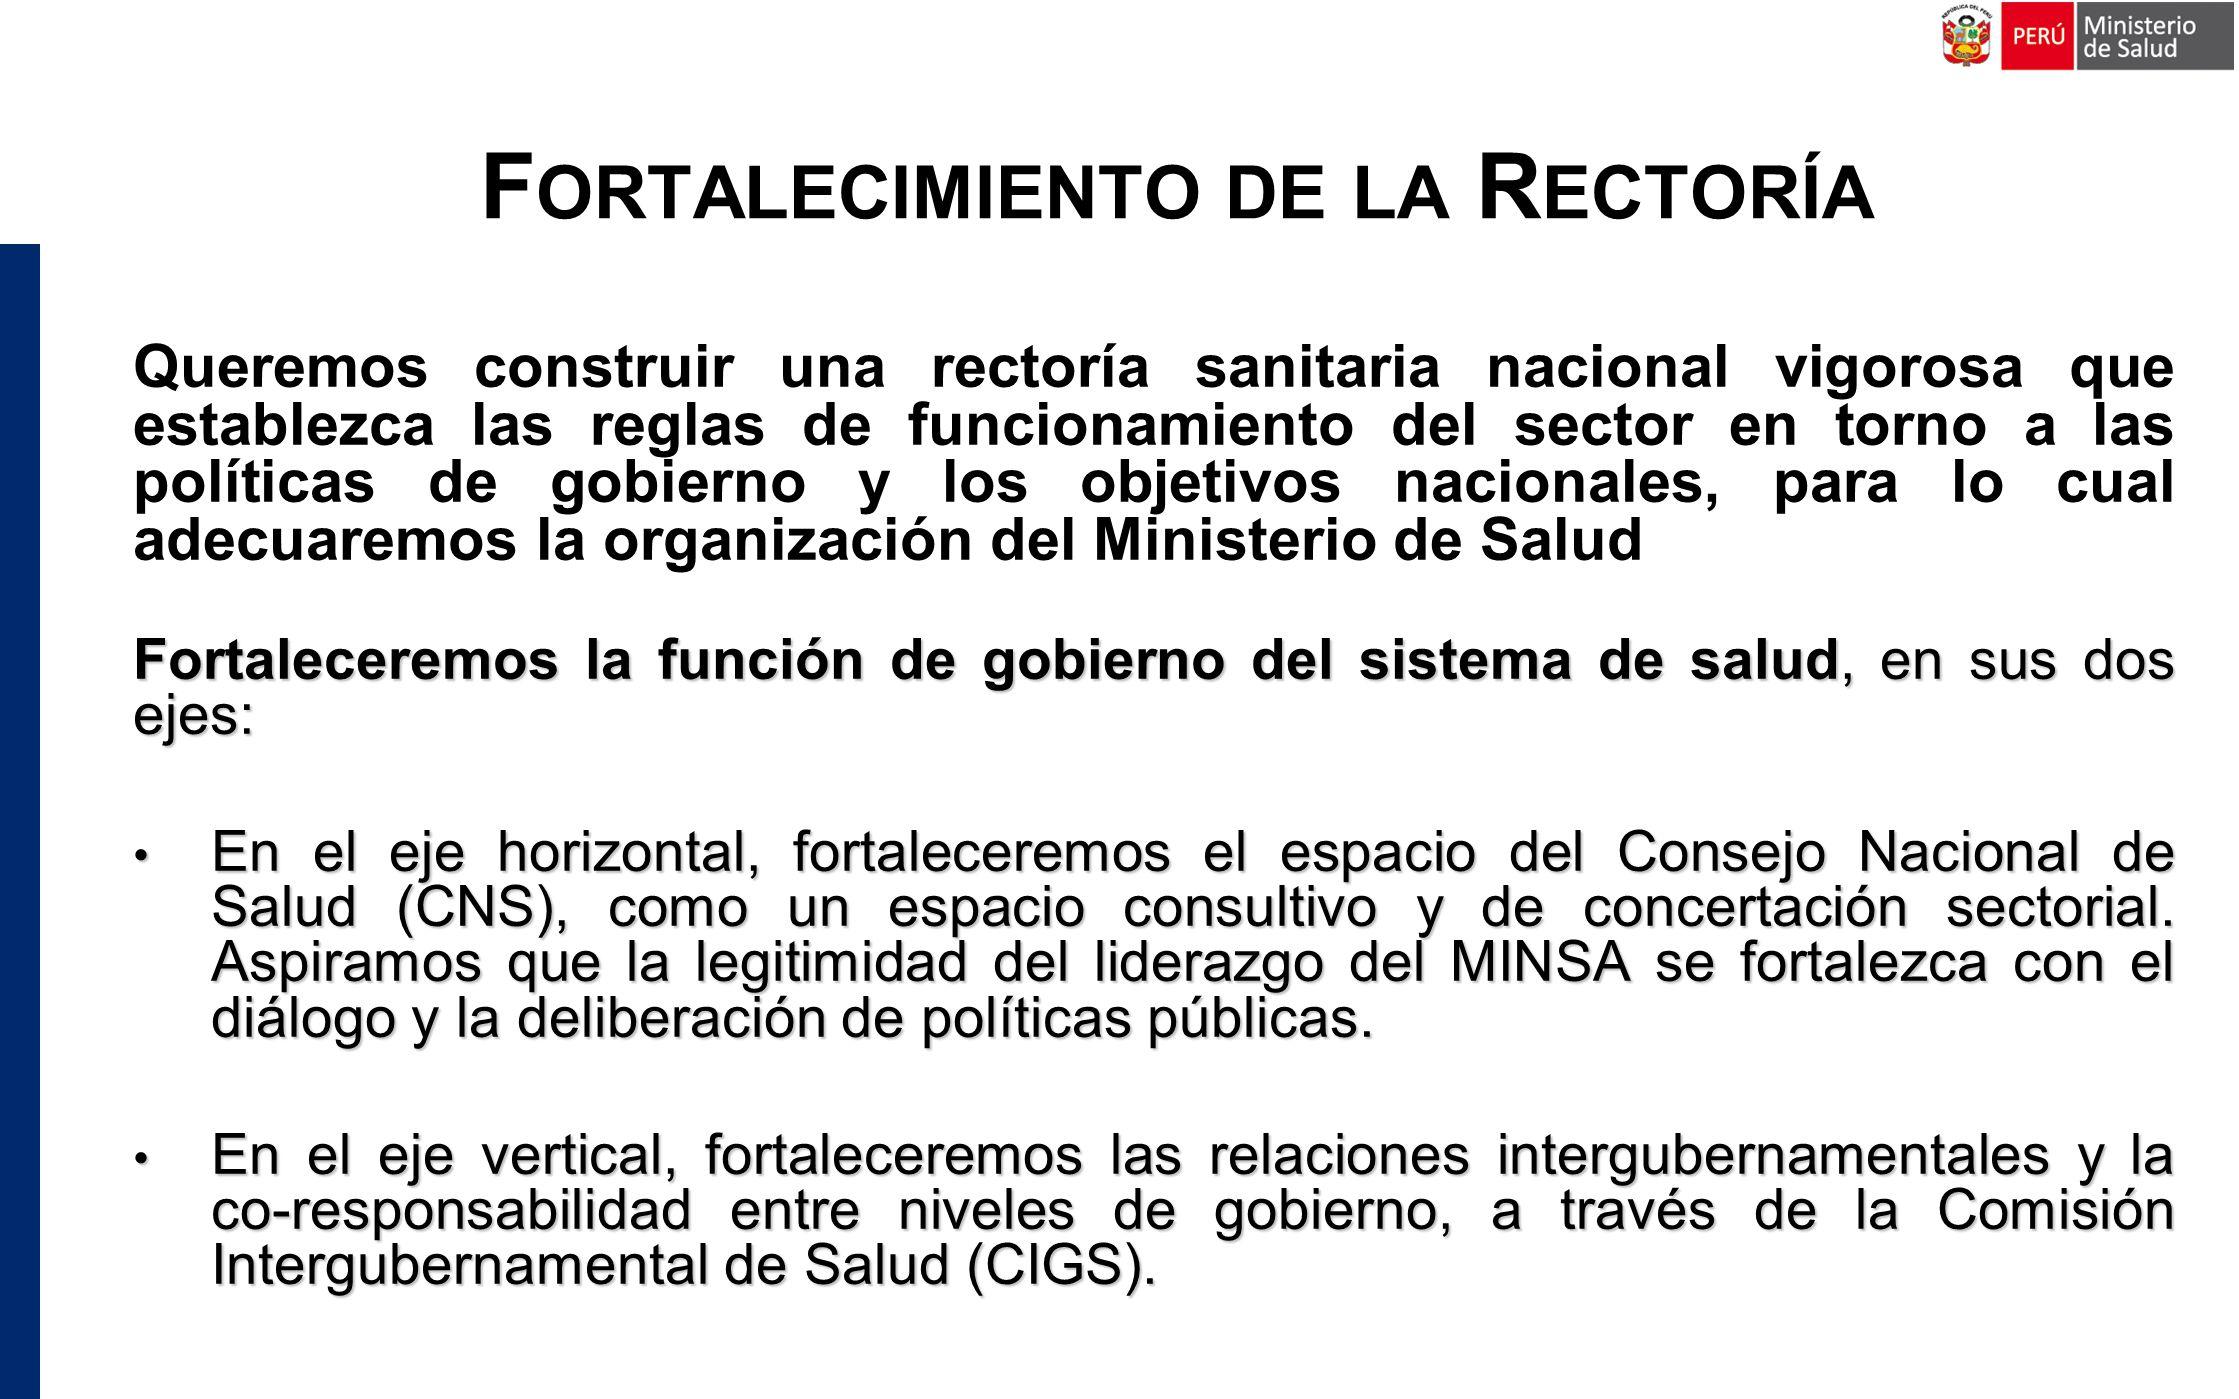 F ORTALECIMIENTO DE LA R ECTORÍA Queremos construir una rectoría sanitaria nacional vigorosa que establezca las reglas de funcionamiento del sector en torno a las políticas de gobierno y los objetivos nacionales, para lo cual adecuaremos la organización del Ministerio de Salud Fortaleceremos la función de gobierno del sistema de salud, en sus dos ejes: En el eje horizontal, fortaleceremos el espacio del Consejo Nacional de Salud (CNS), como un espacio consultivo y de concertación sectorial.